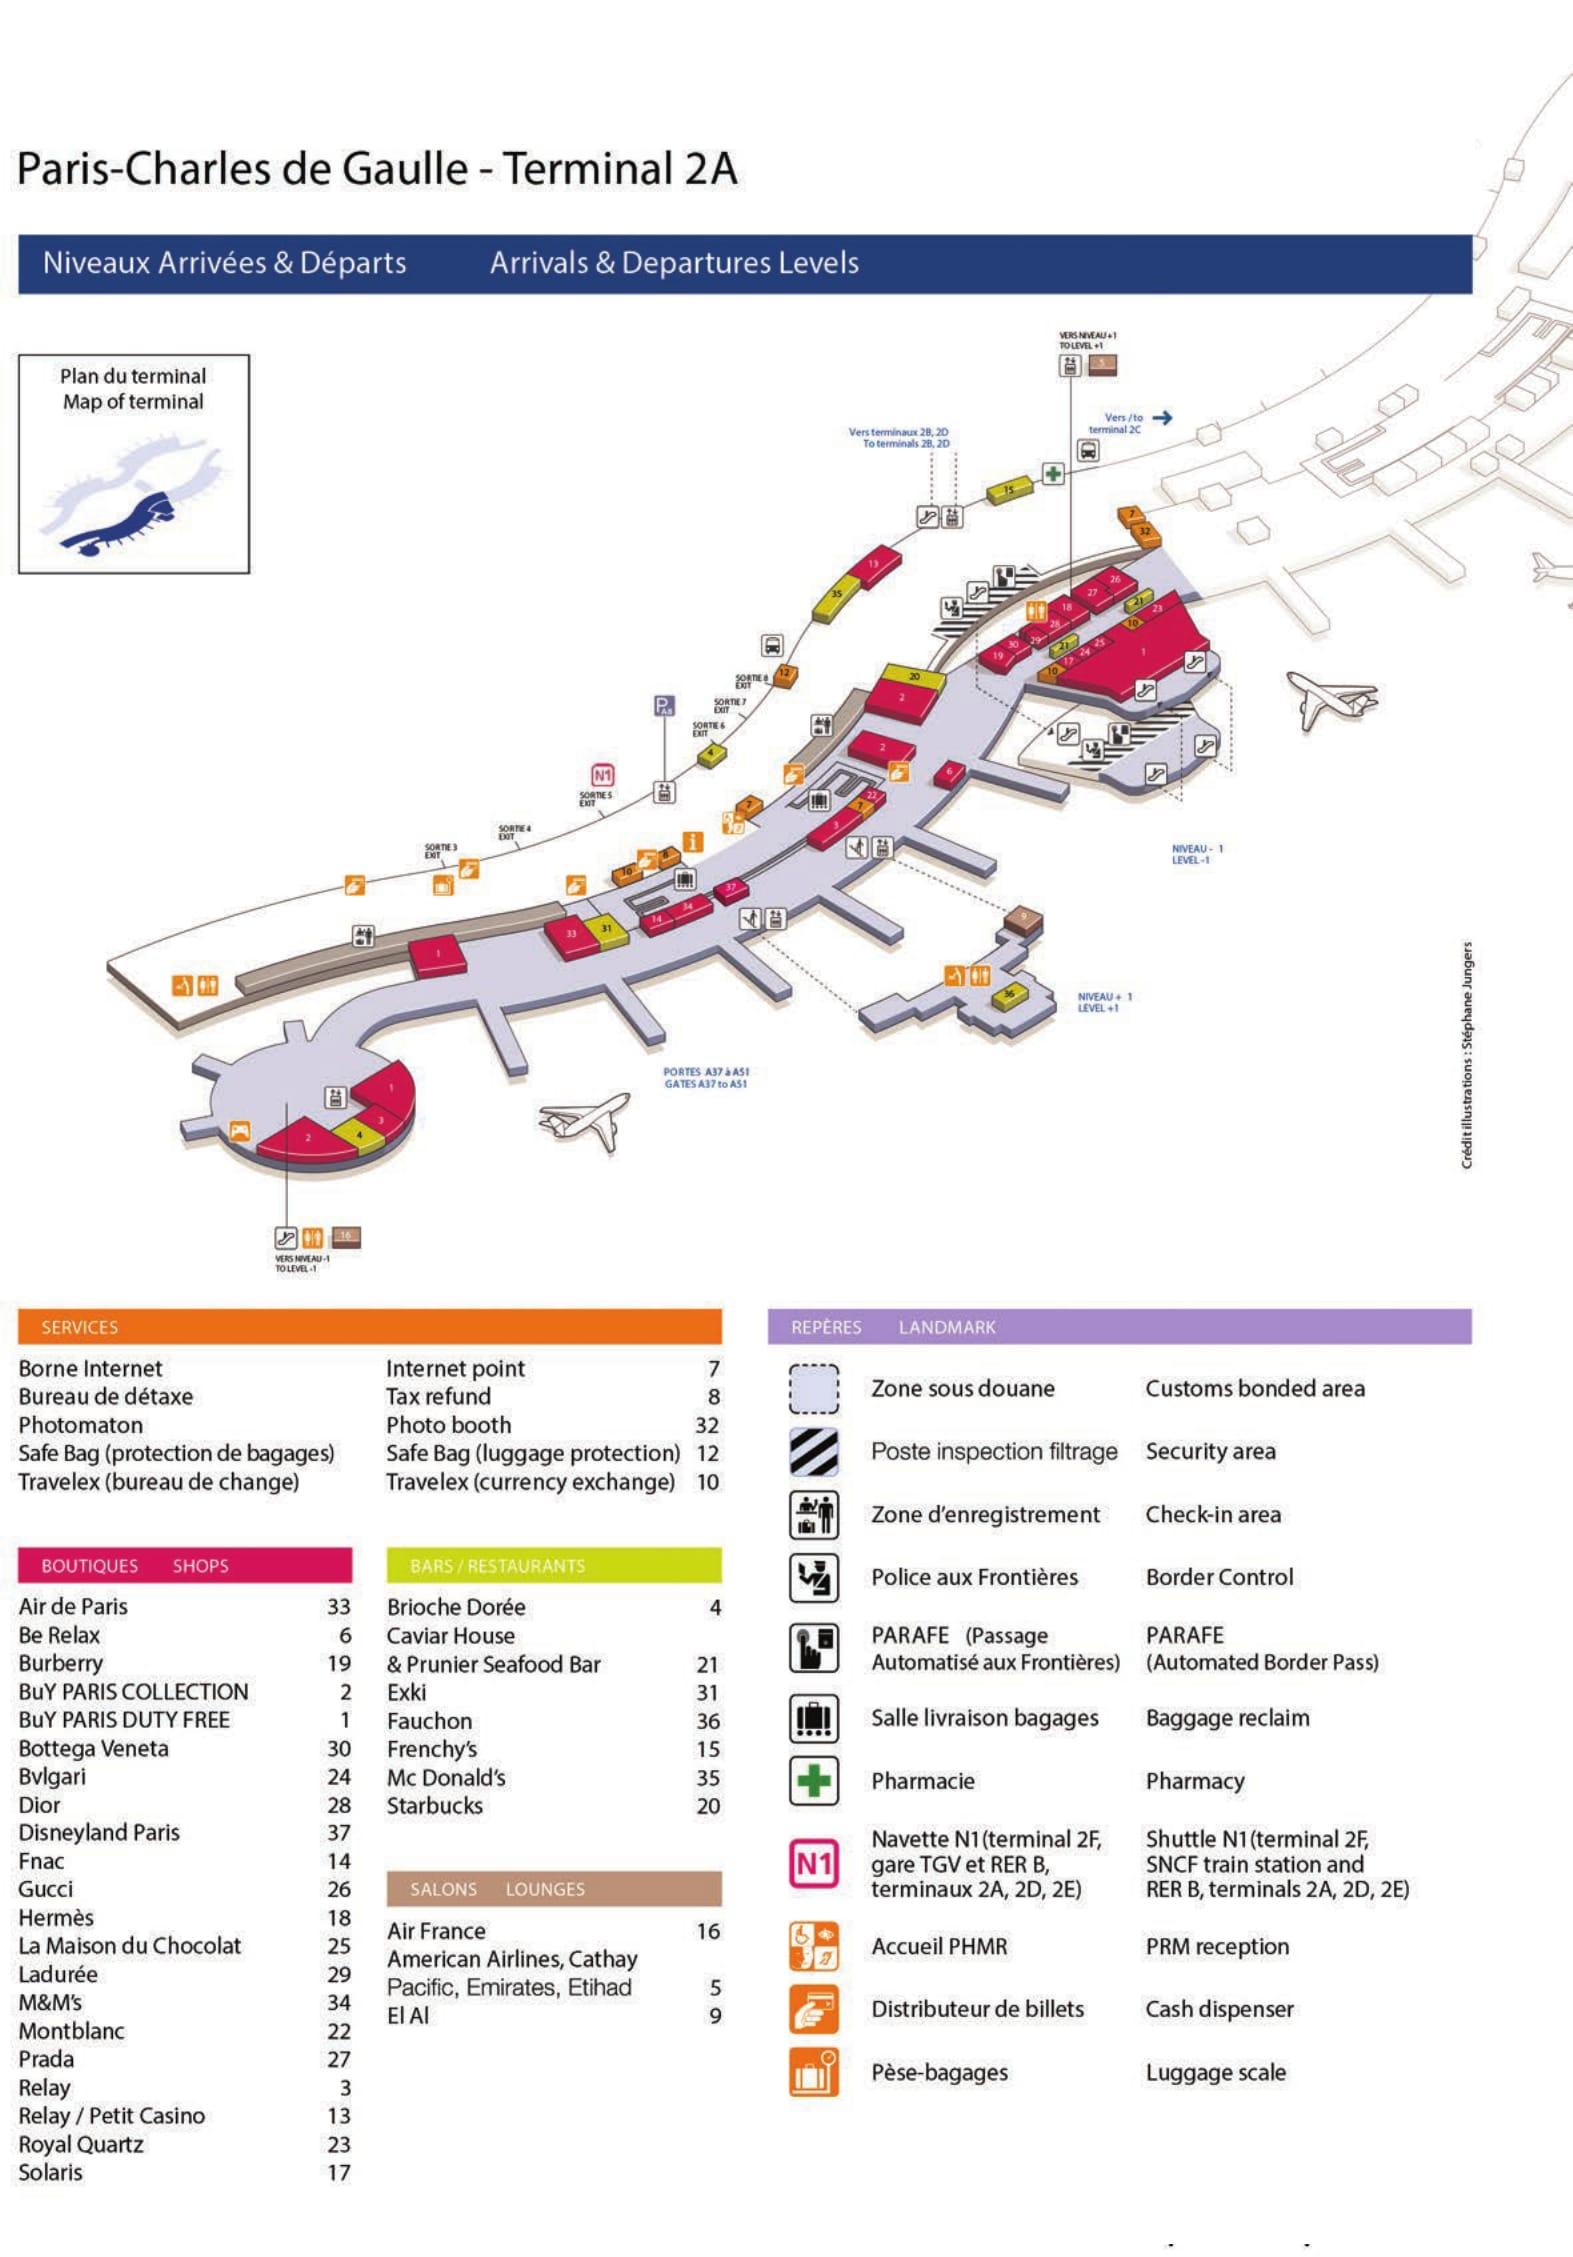 Mapa de la Terminal 2A del aeropuerto de Paris Charles de Gaulle